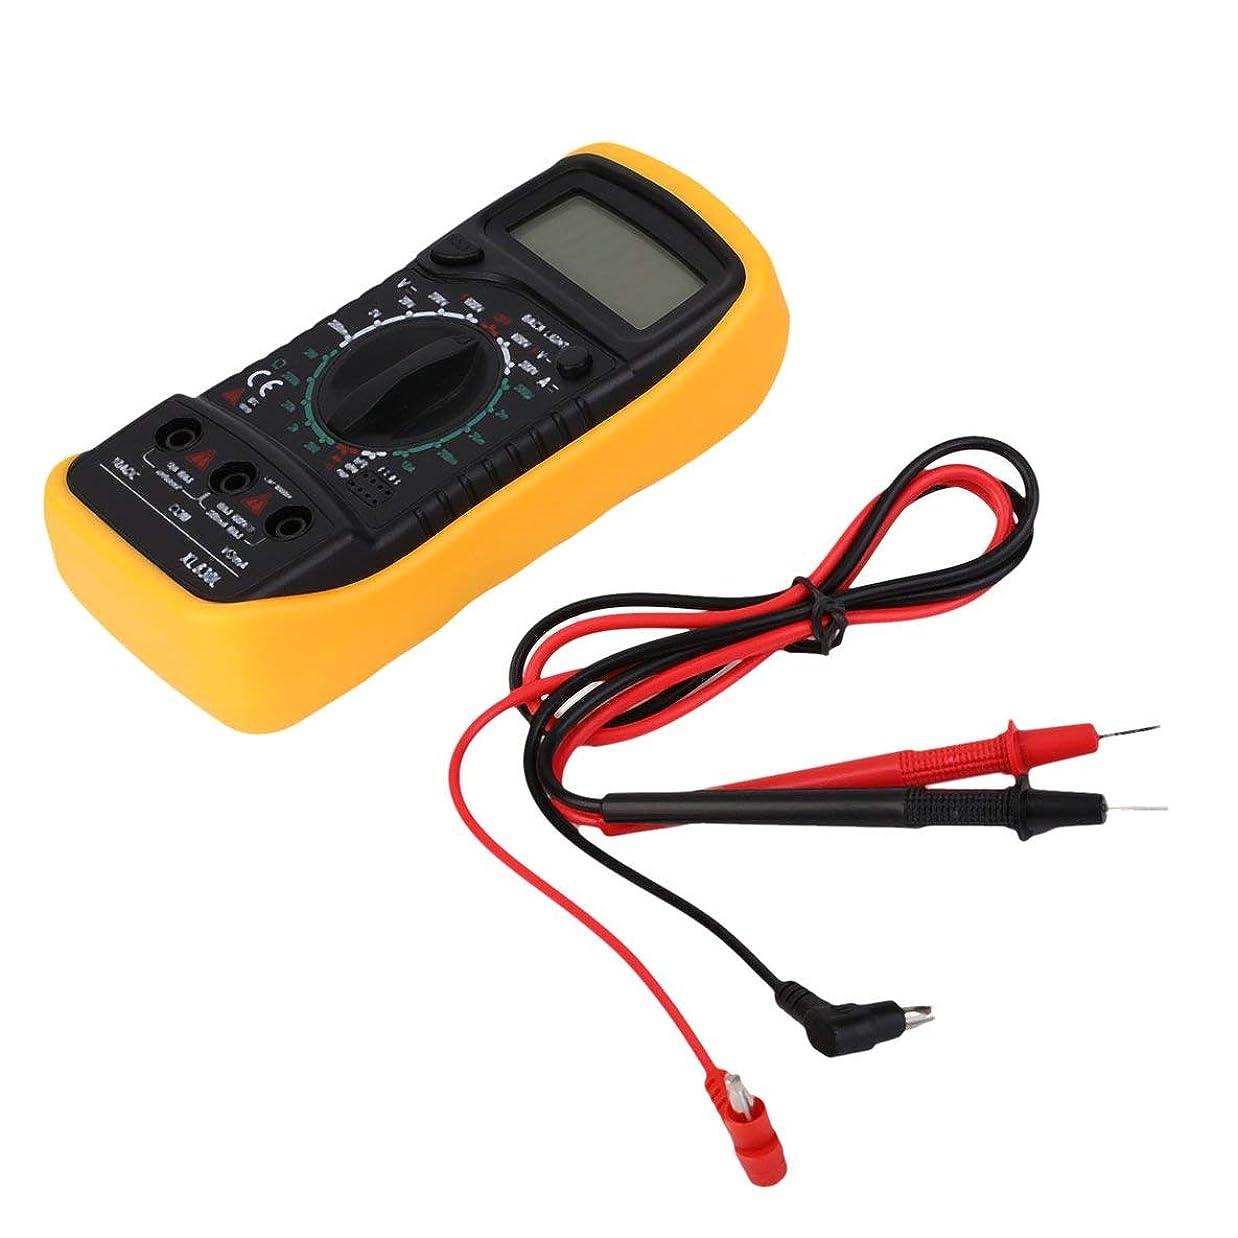 国民意気込み解き明かすMolySun 自動極性表示デジタルマルチメータXL 830 L電圧計電流計オーム計黄色テスター導通テスト付きブザー音